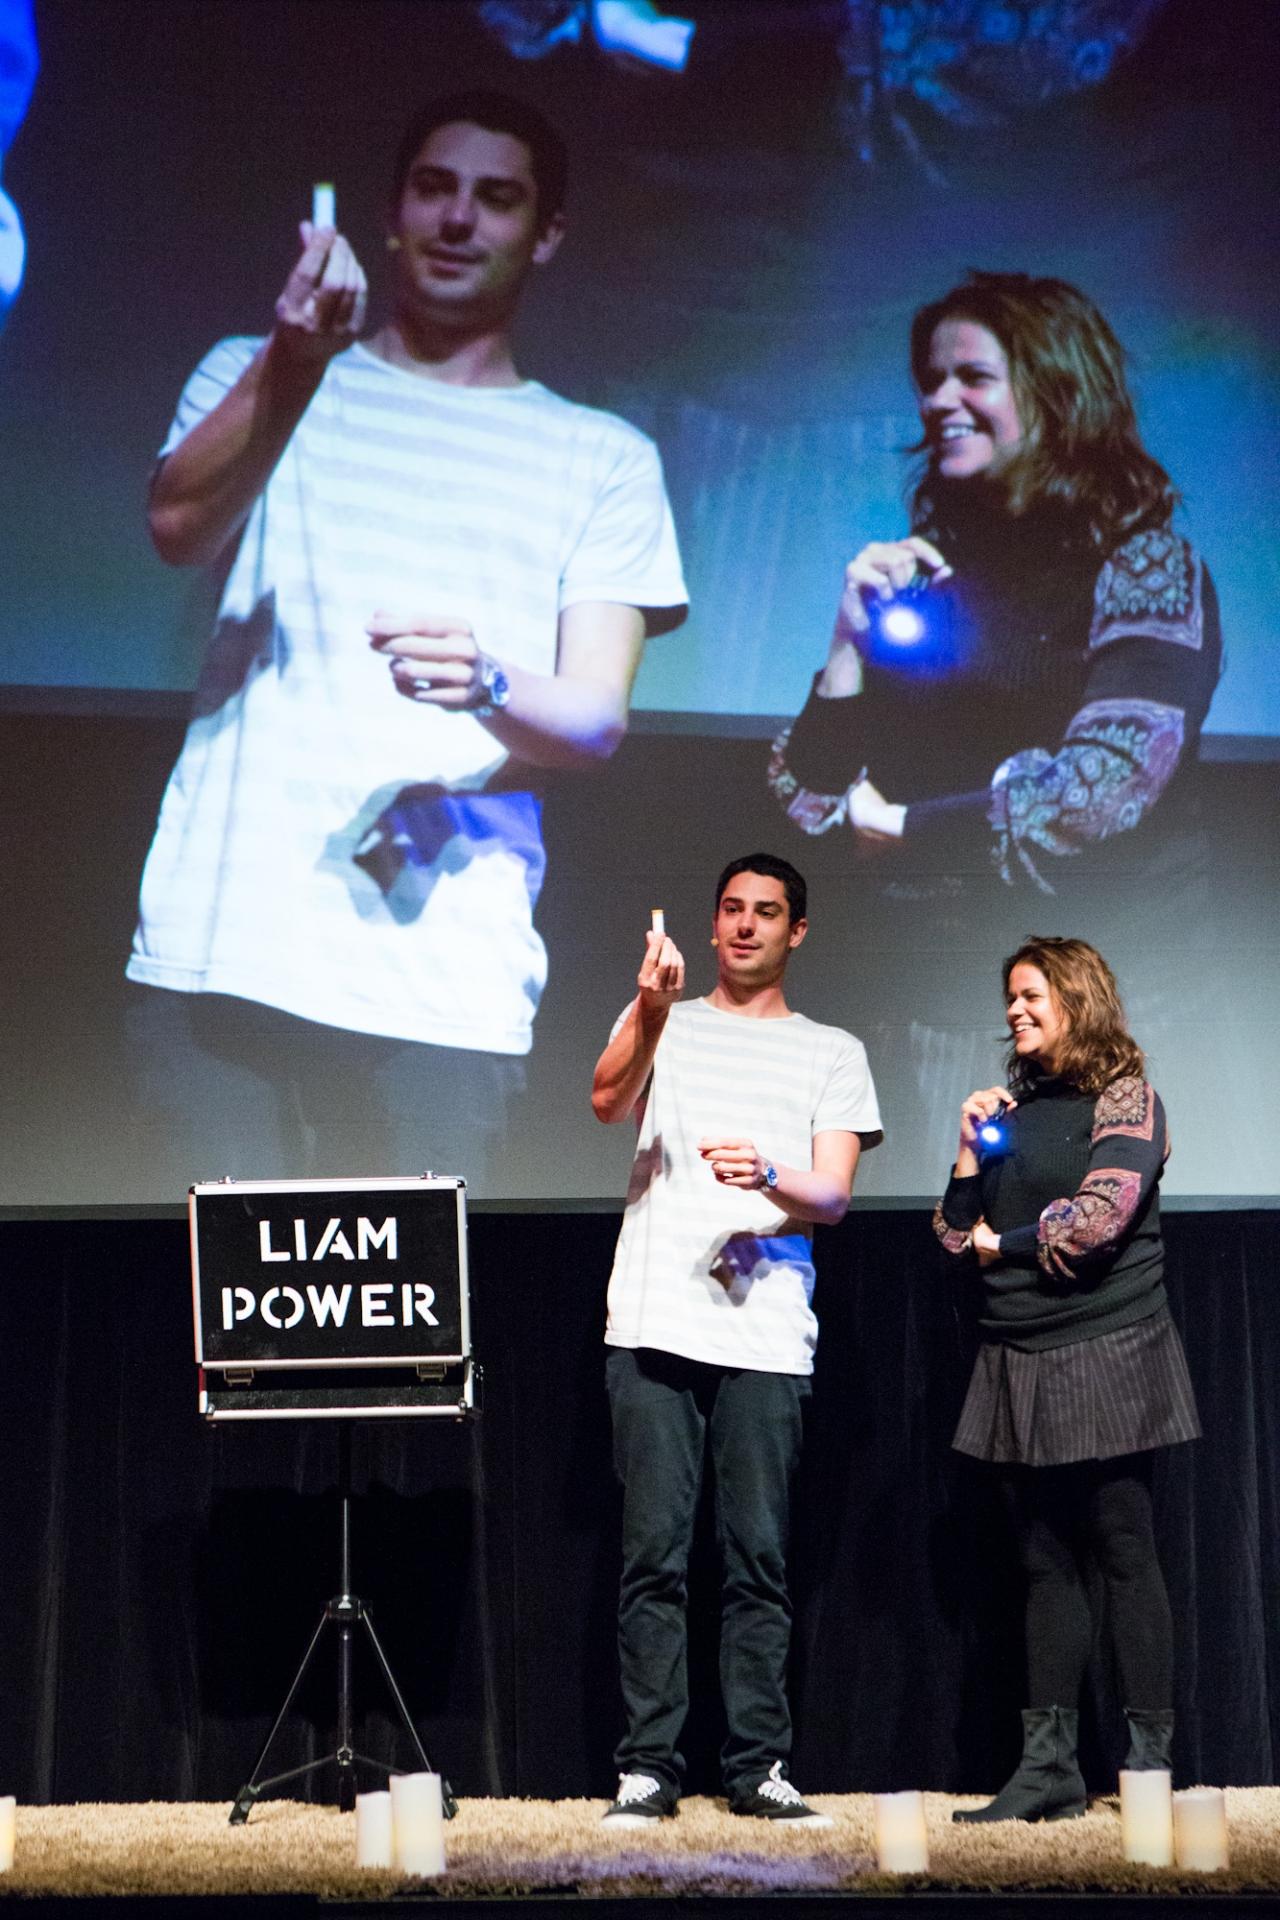 Liam Power